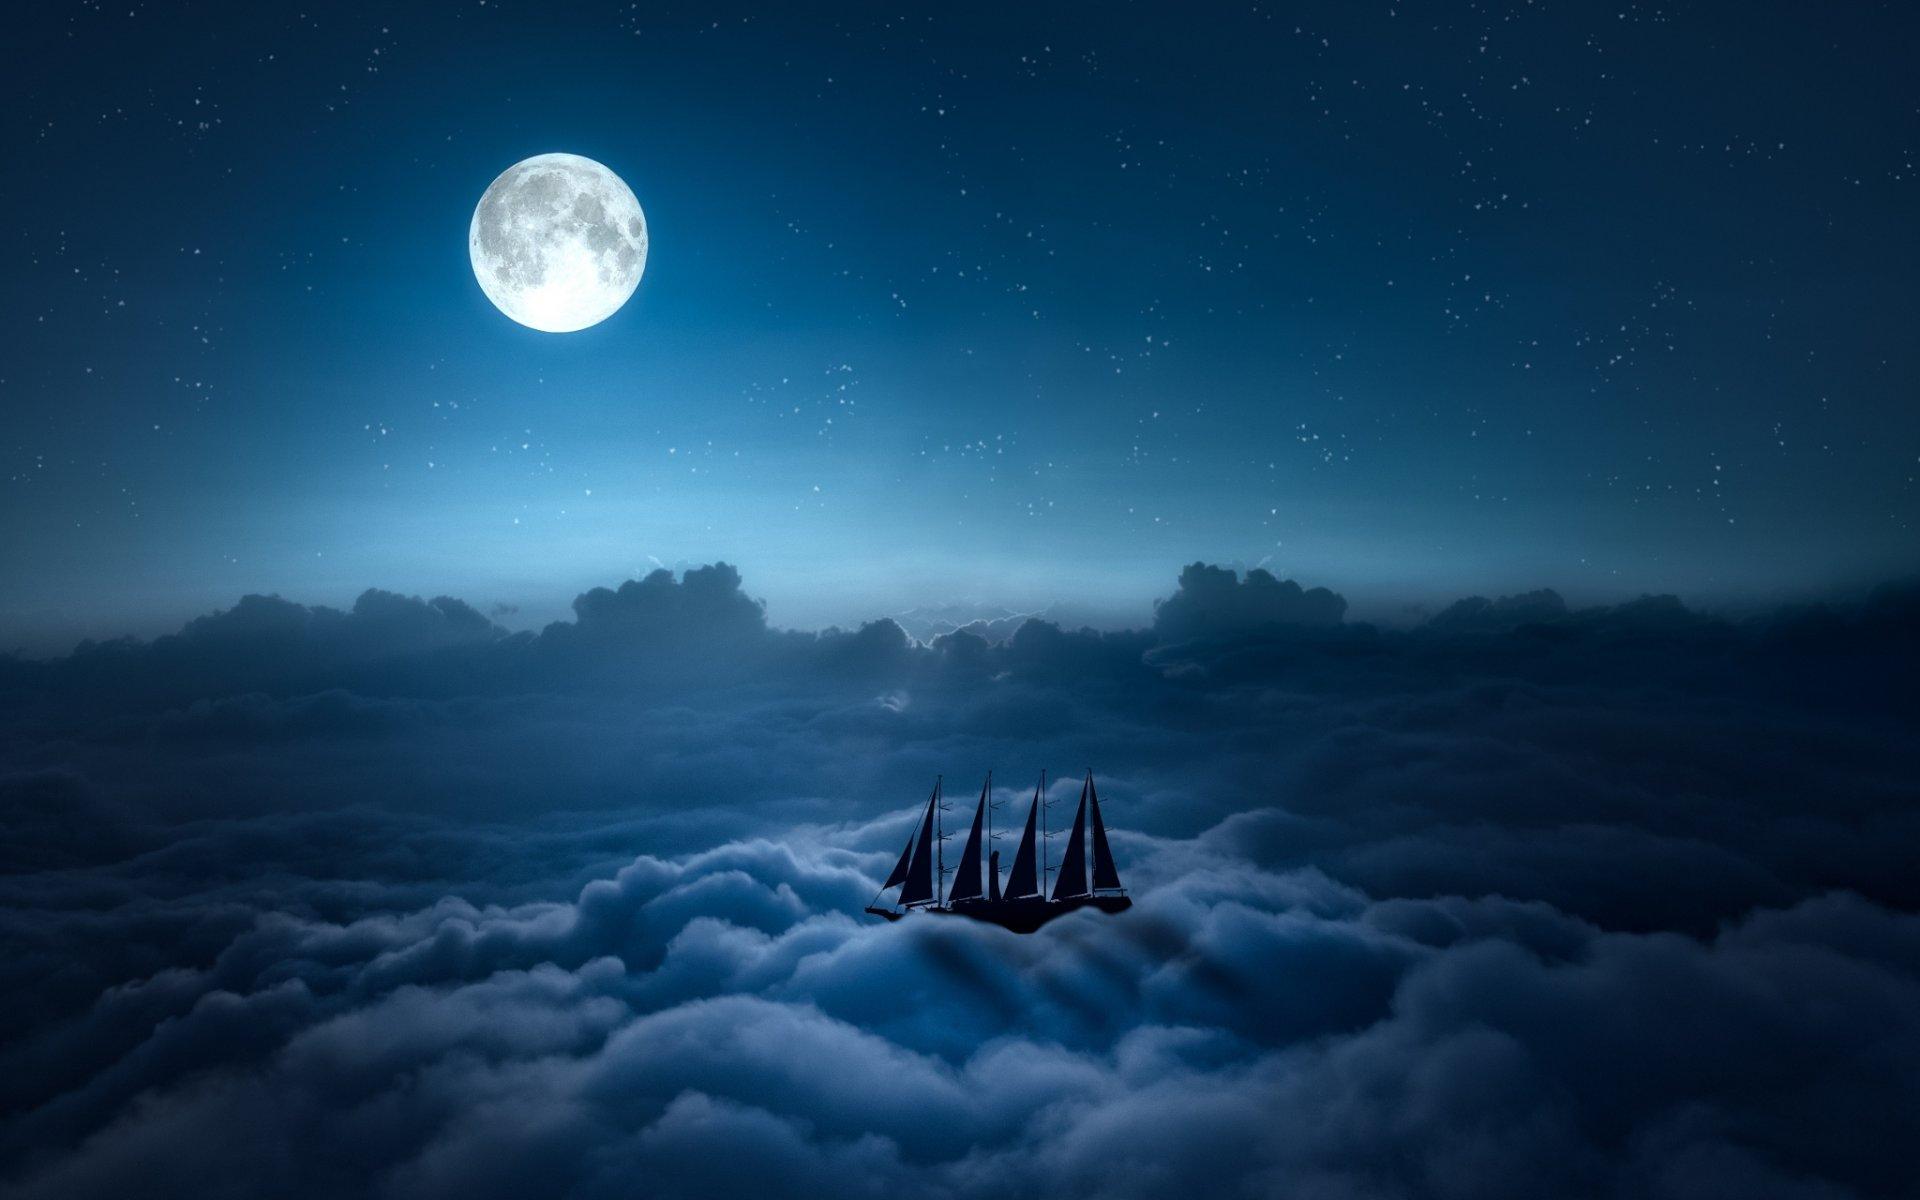 картинки полет лунное небо ночь минусы